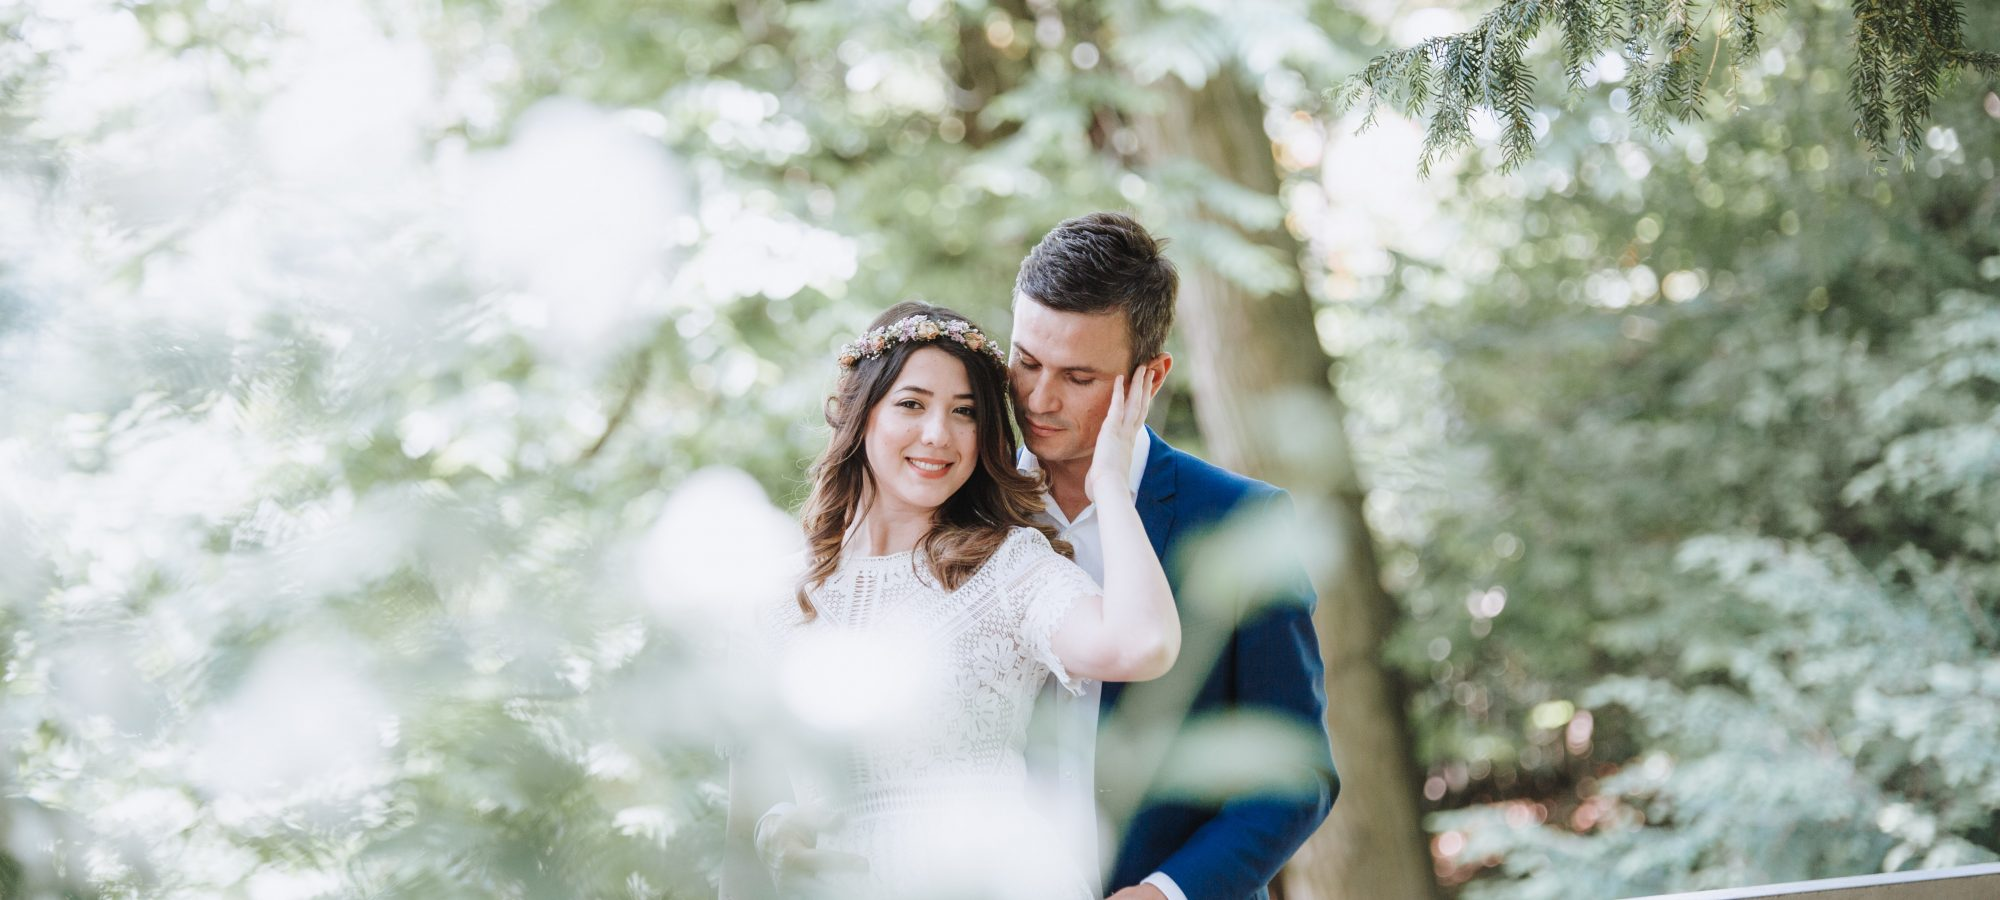 Hochzeitsfotograf in Aschaffenburg Julia Knörzer